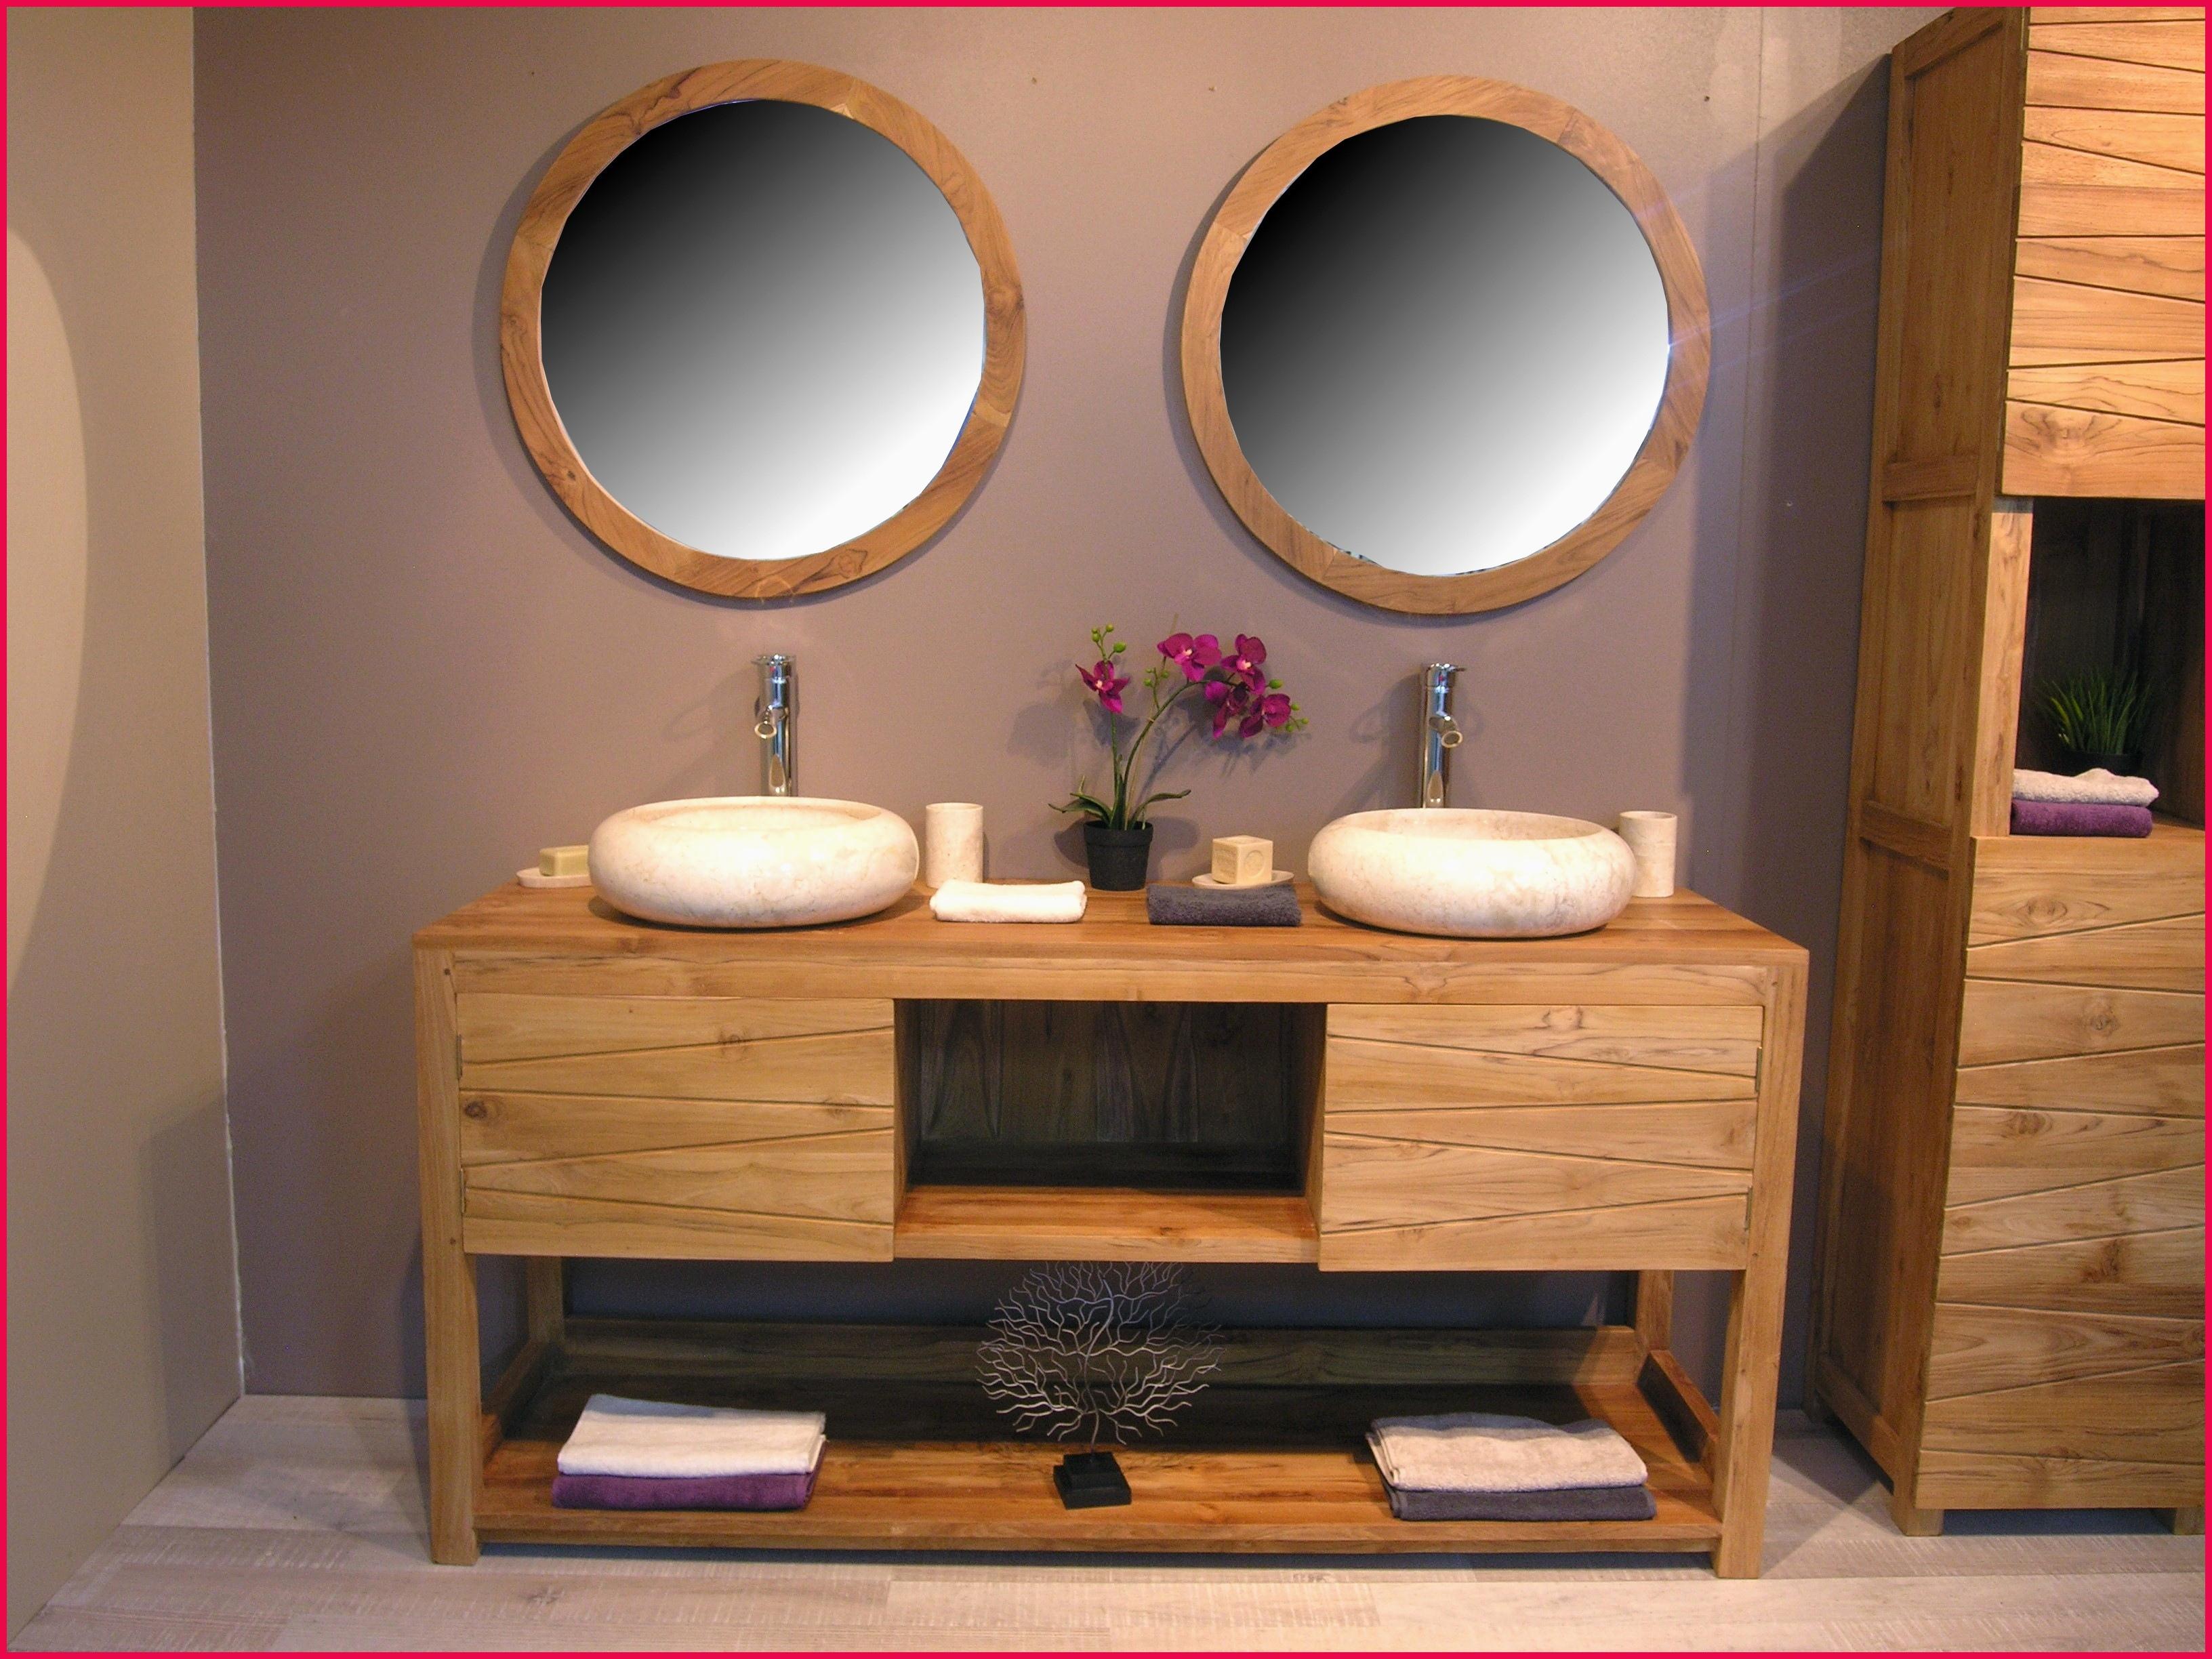 Meuble sous Vasque Salle De Bain Brico Depot Luxe Photographie Meuble Et Vasque Salle De Bain 39 Blanc Luxes Resultat Superieur